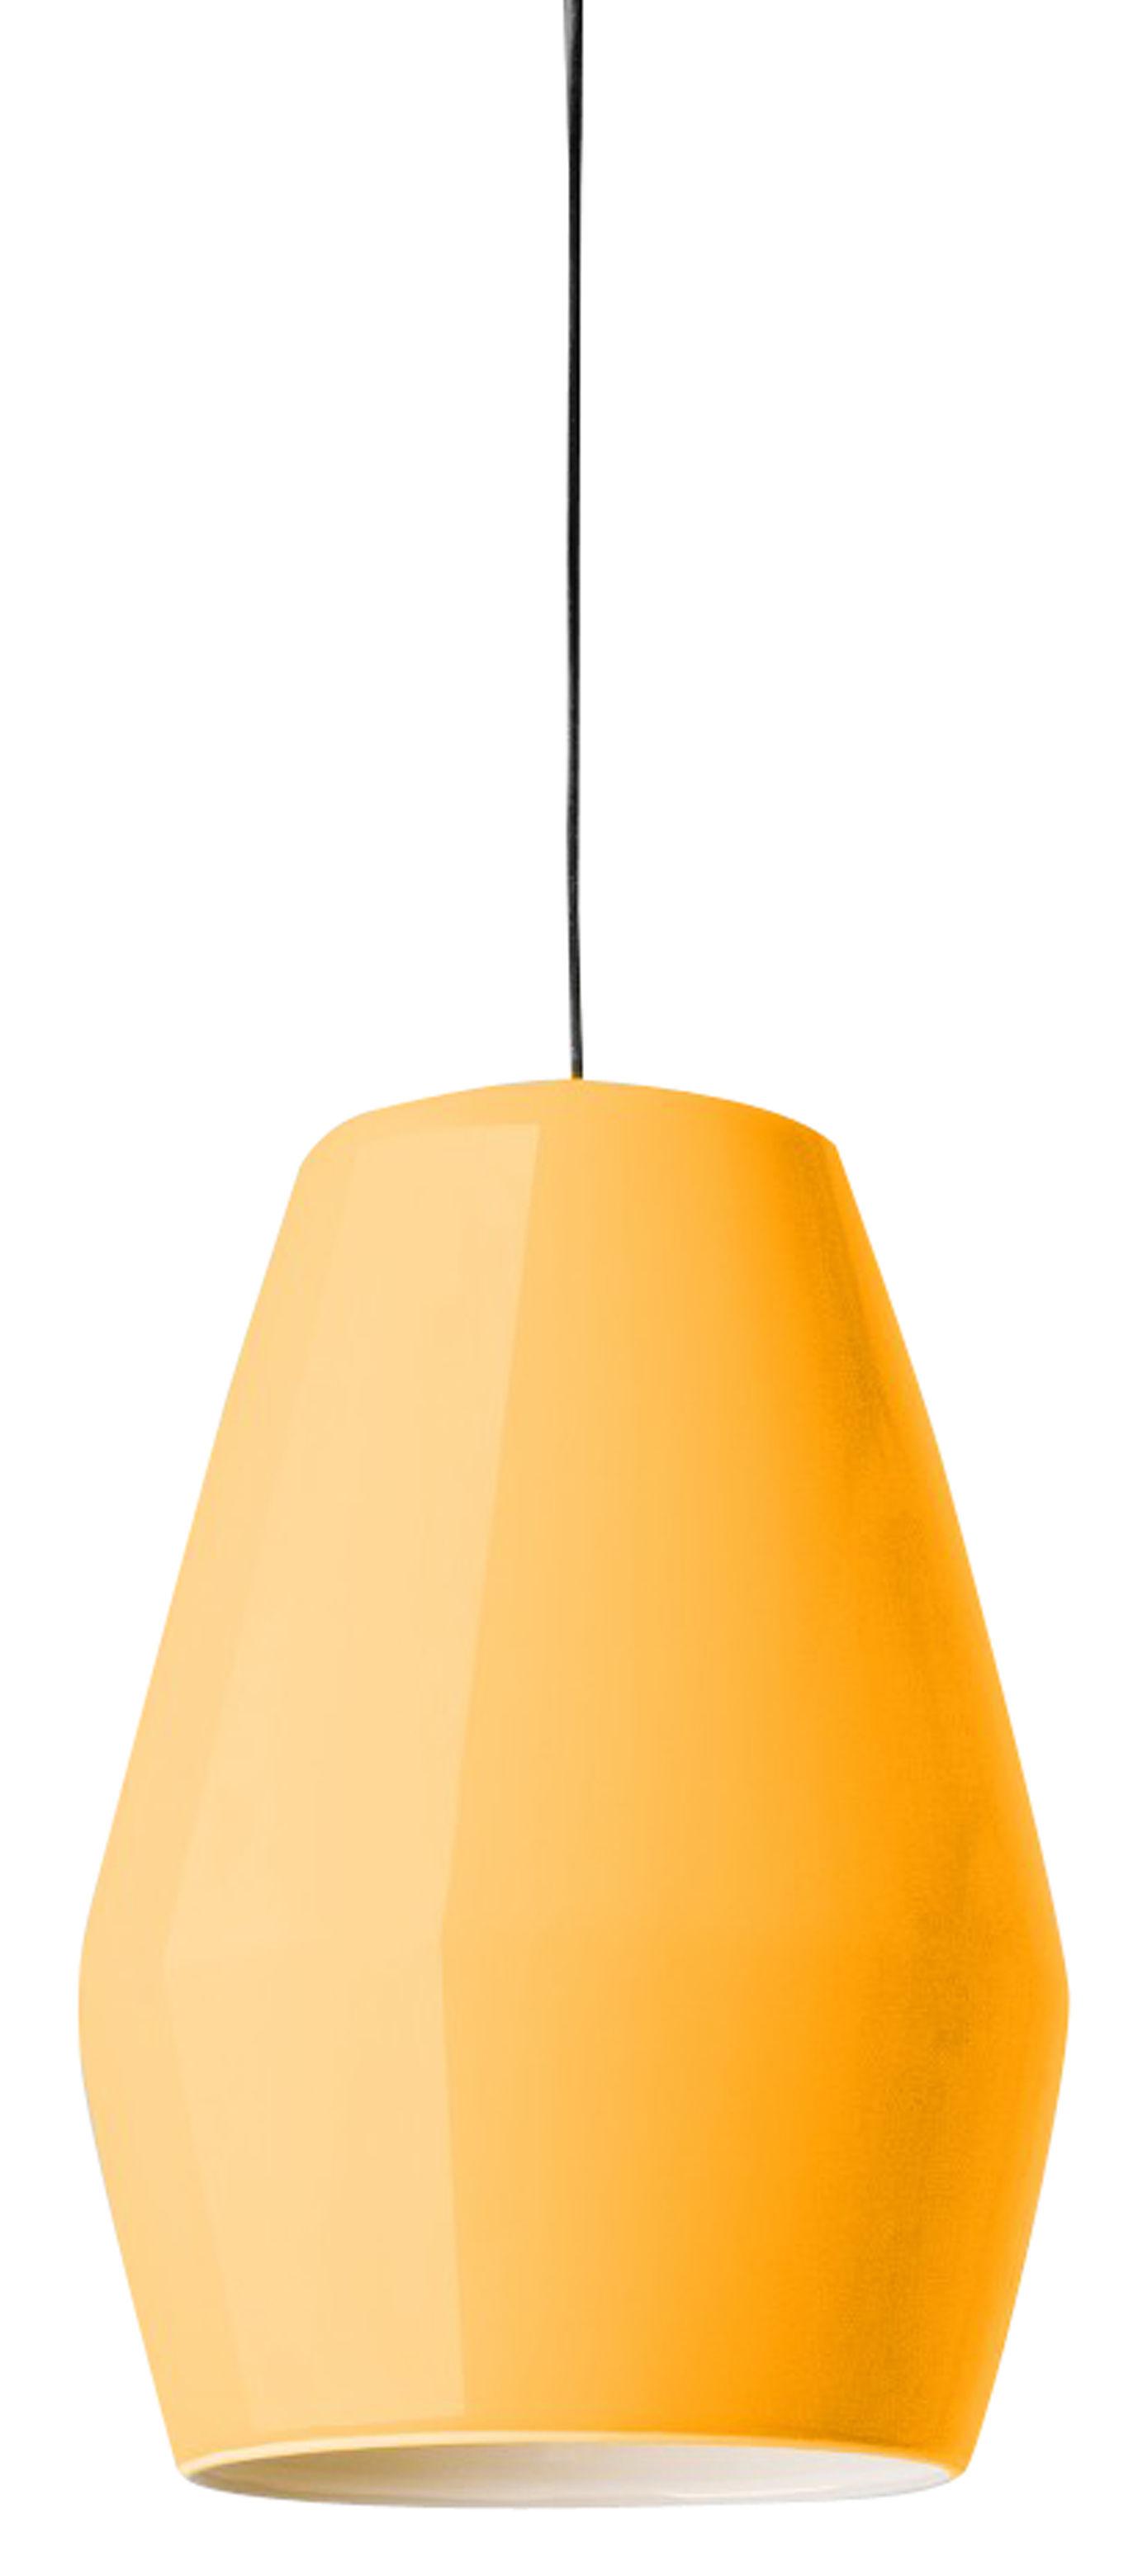 suspension bell en porcelaine jaune moutarde northern. Black Bedroom Furniture Sets. Home Design Ideas